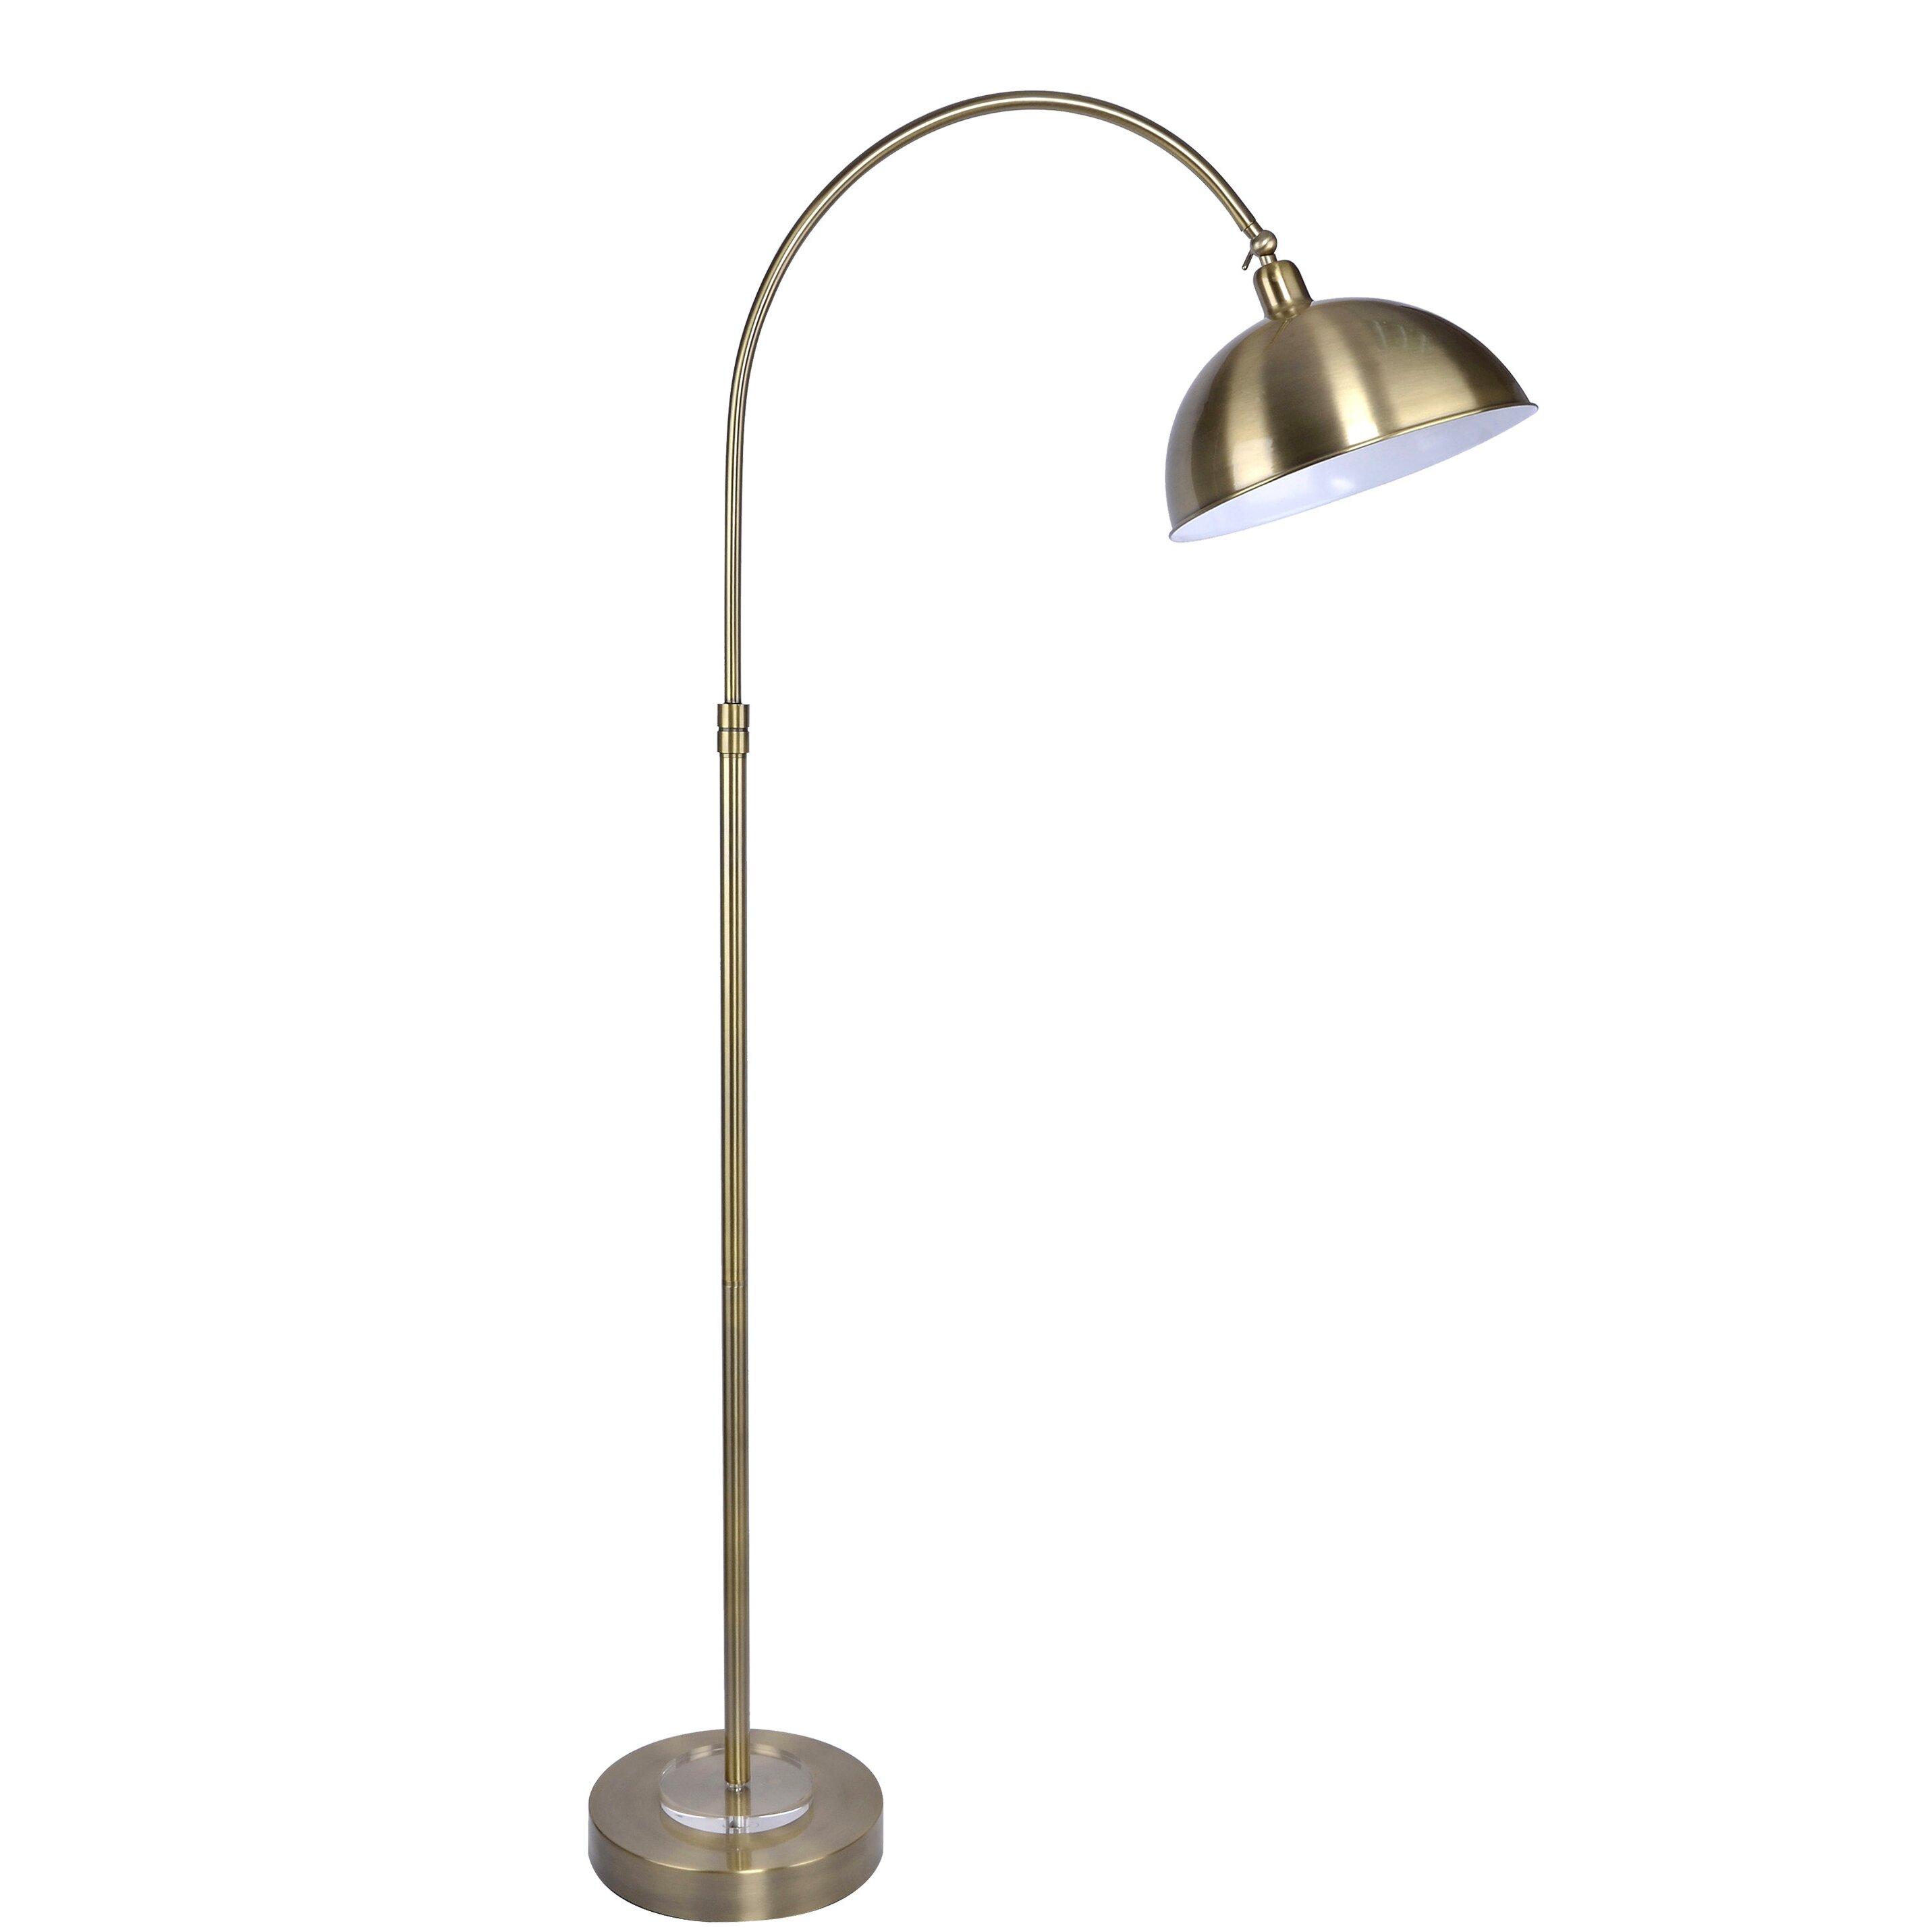 Grandview gallery vintage 63 5 arched floor lamp for Wayfair industrial lamp